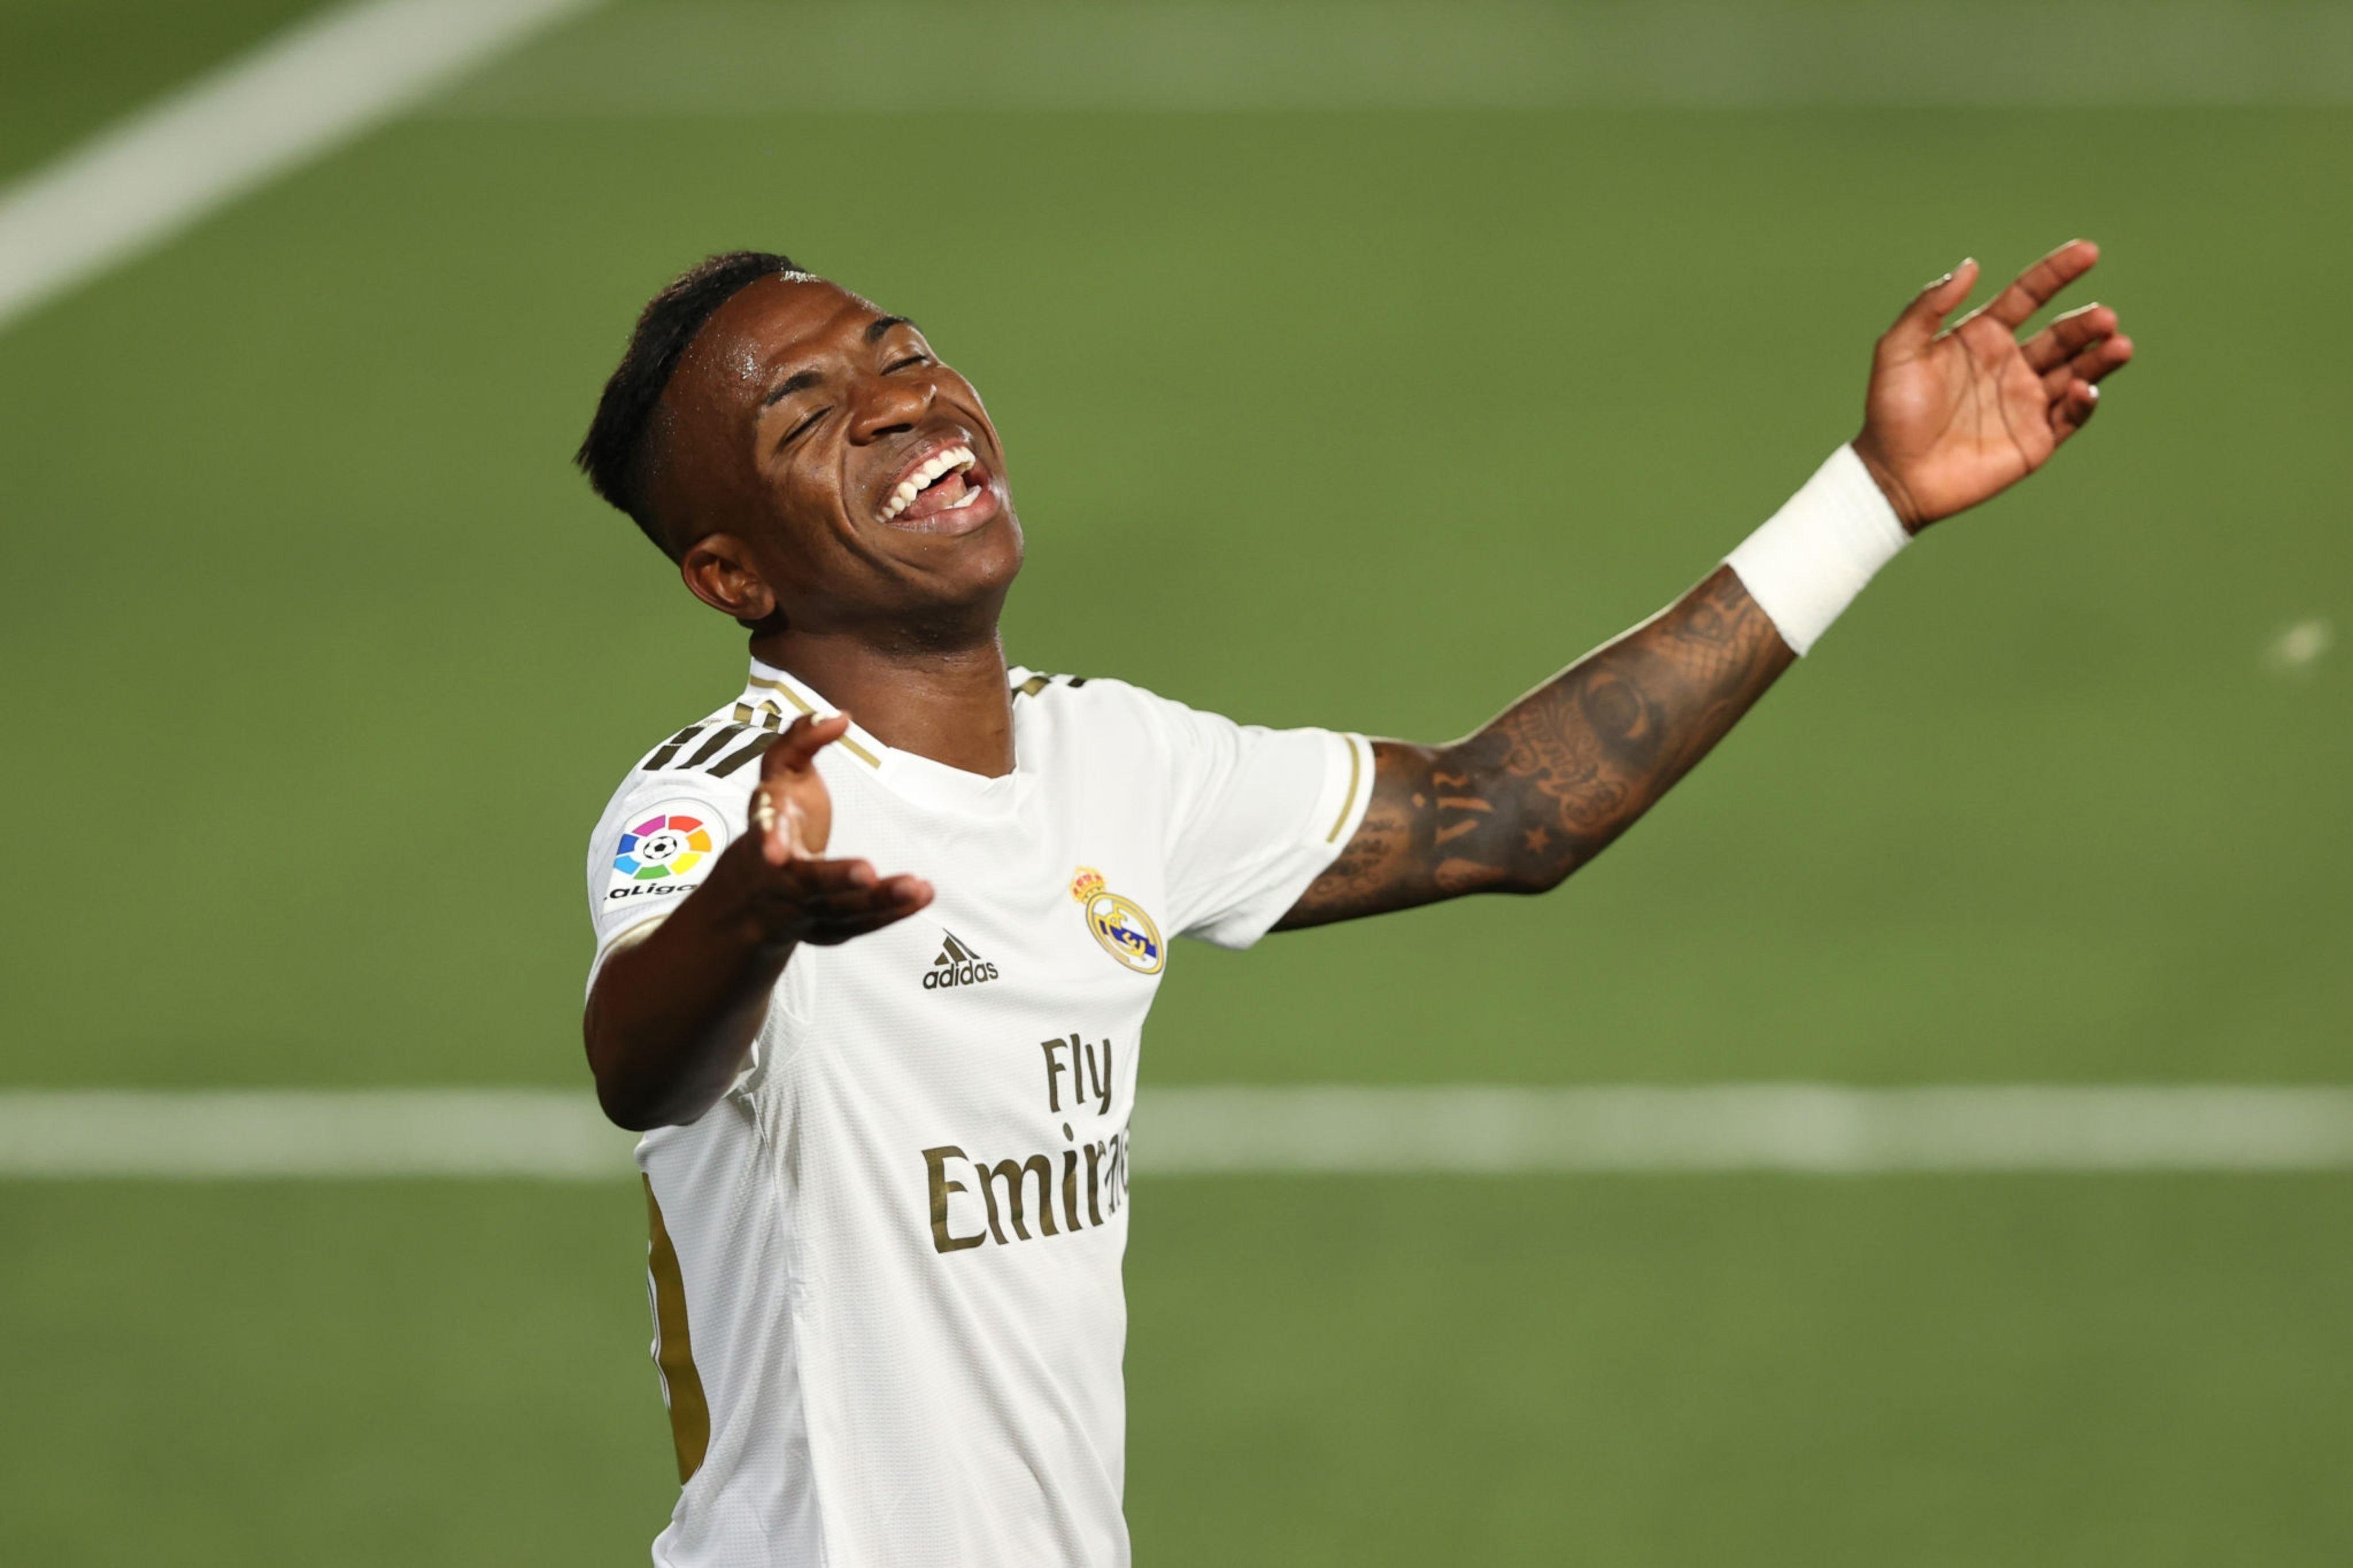 رئال مادرید - لالیگا - اسپانیا - Real Madrid - Laliga